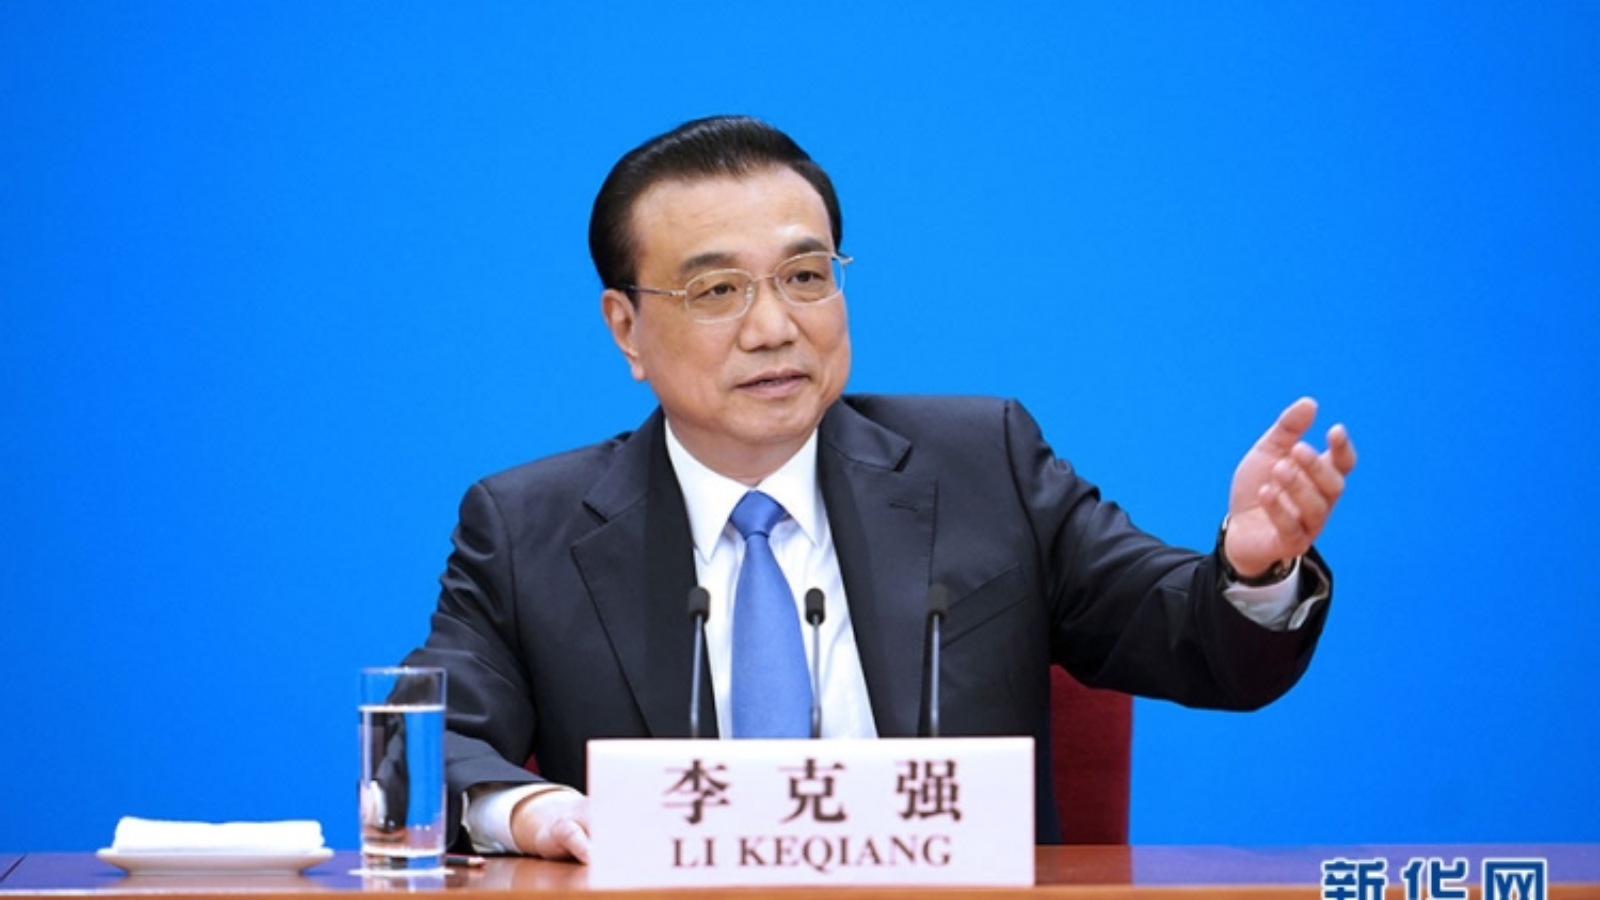 Thủ tướng Lý Khắc Cường: Mỹ và Trung Quốc có lợi ích chung rộng rãi